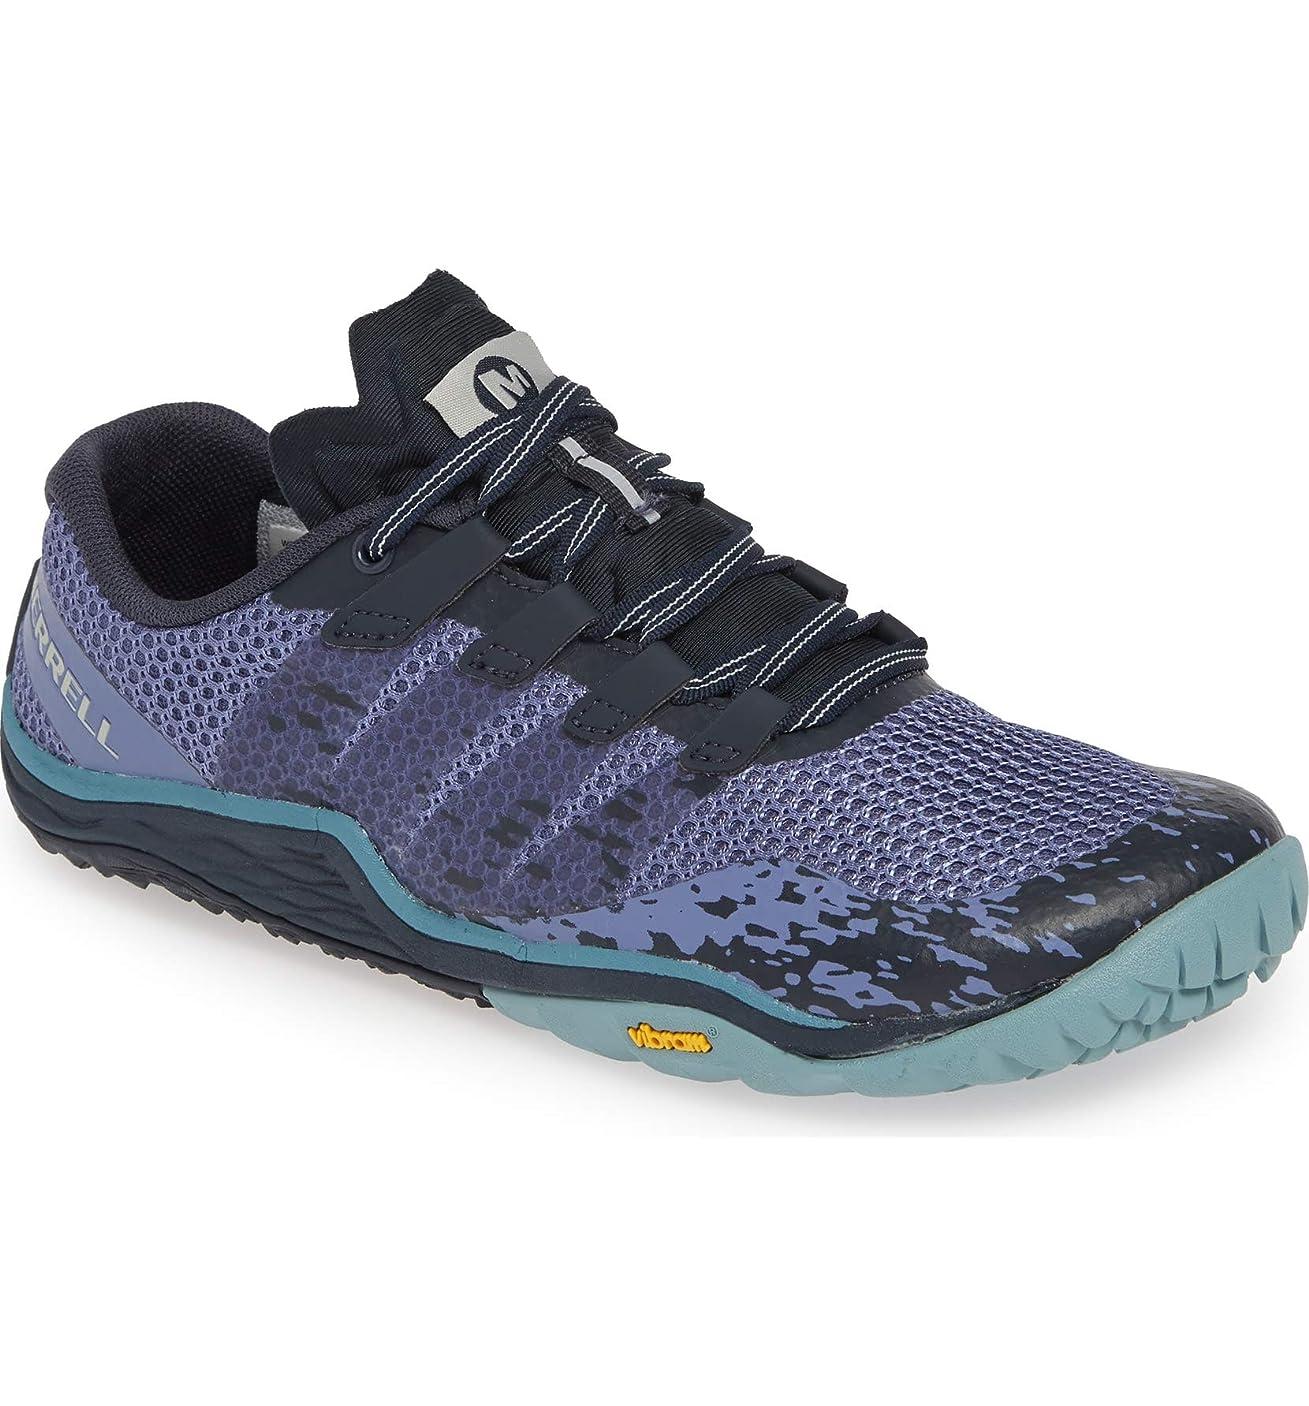 アナログ腹部役に立つ[メレル] レディース スニーカー Trail Glove 5 Running Shoe (Wome [並行輸入品]